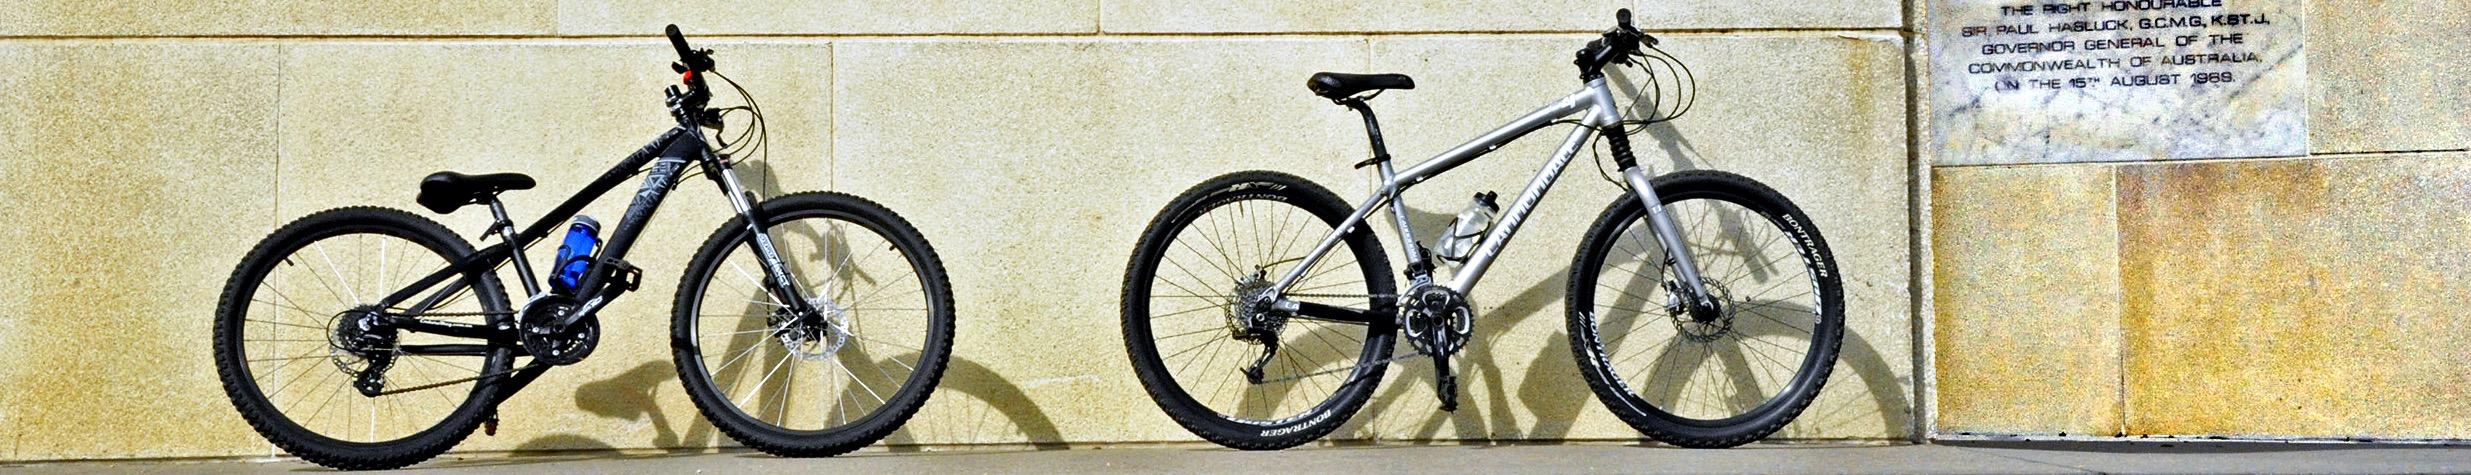 Carillon-Bikes-3